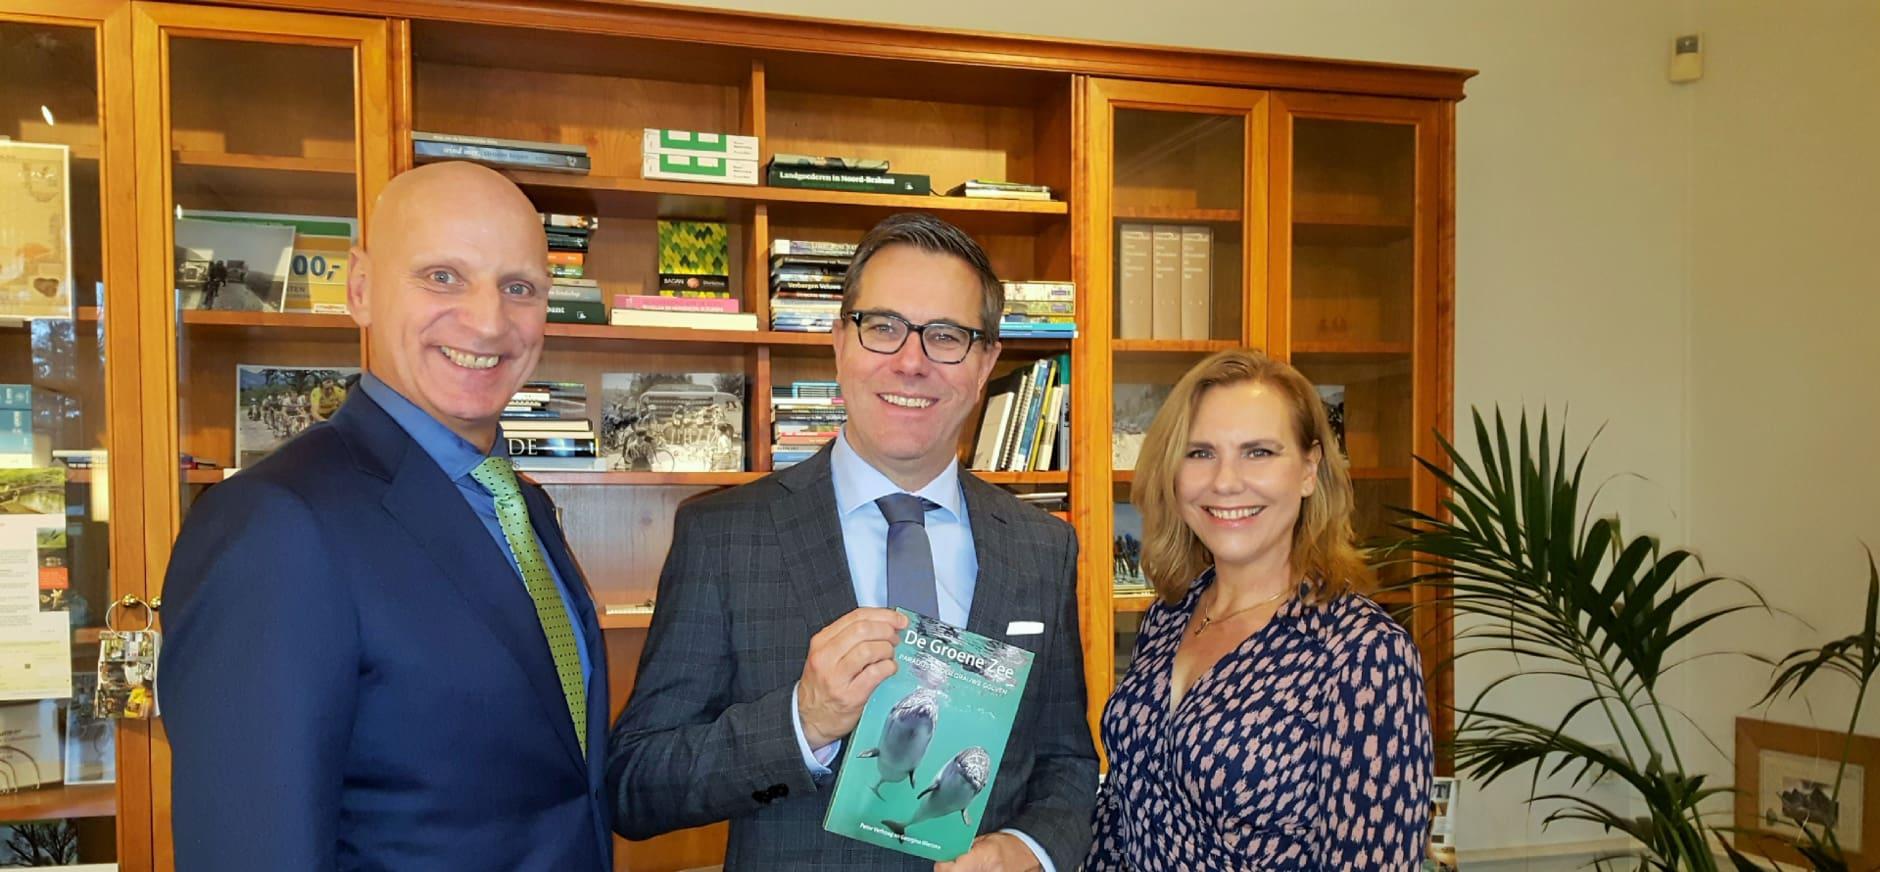 Directeur Natuurmonumenten neemt boek De Groene Zee in ontvangst